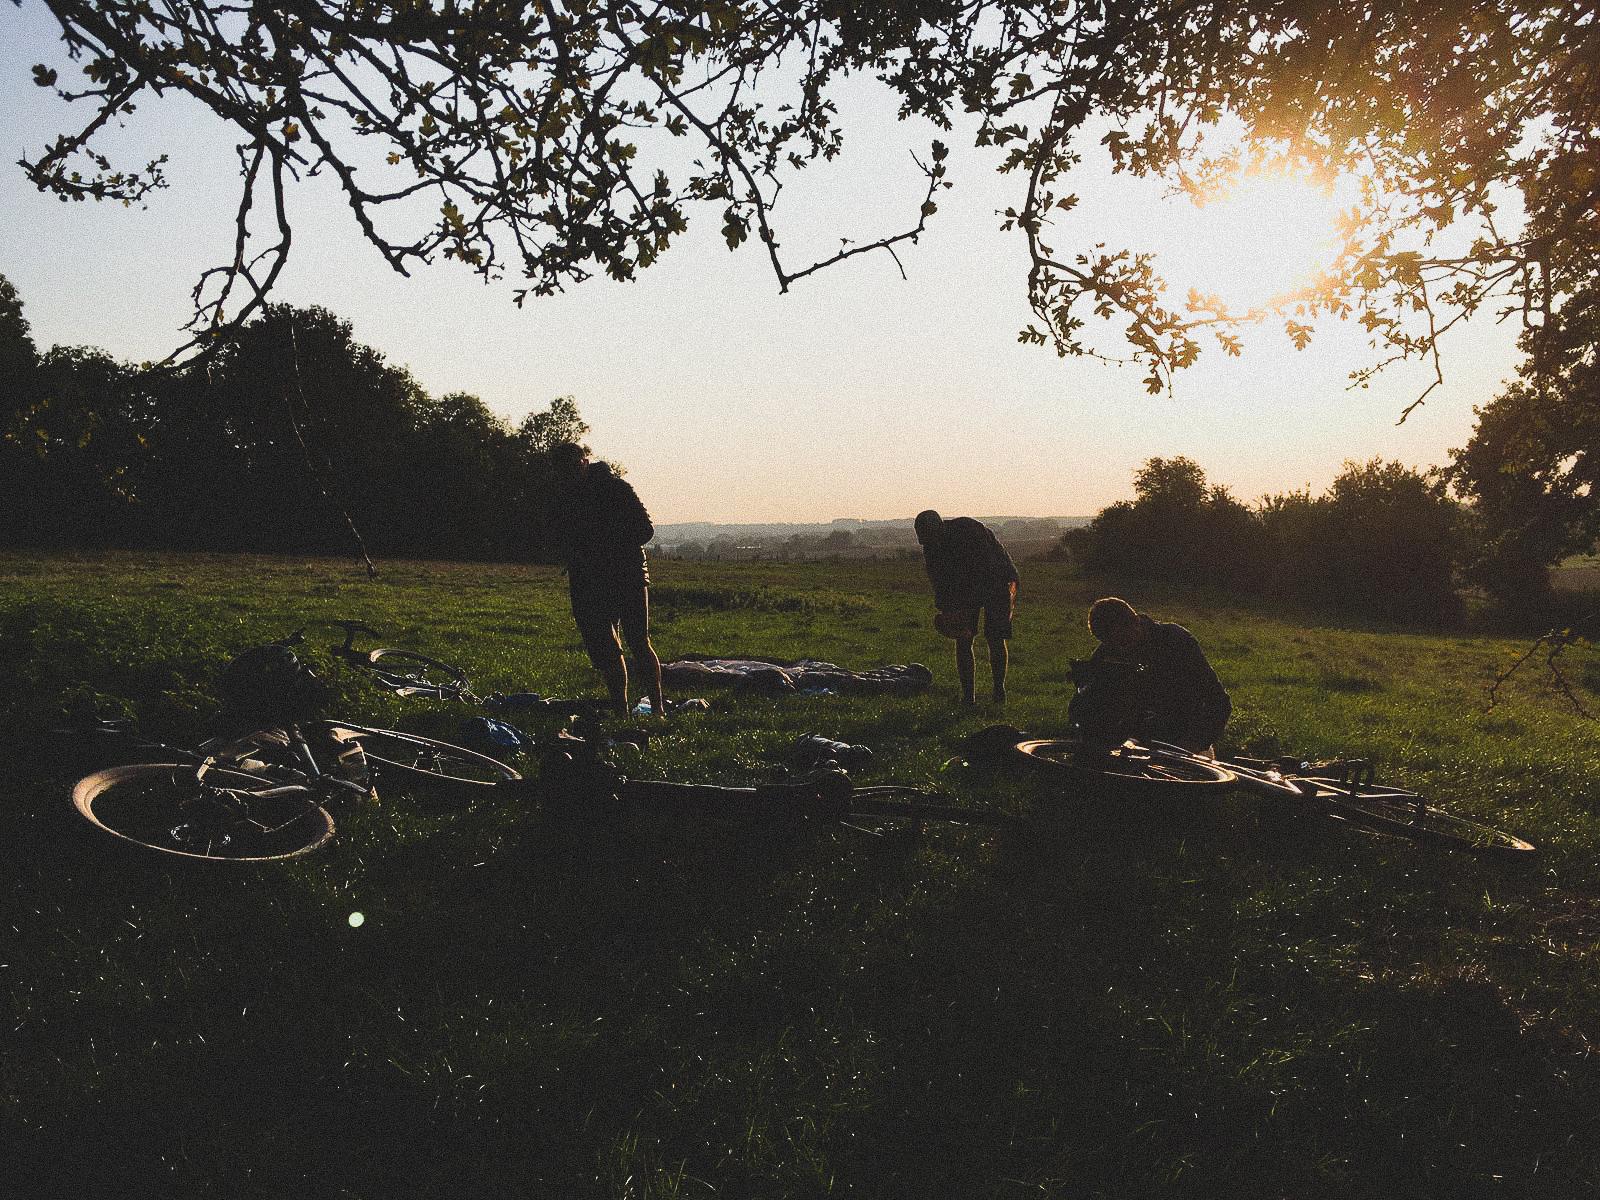 Les Rookies - Gravel Bikepacking